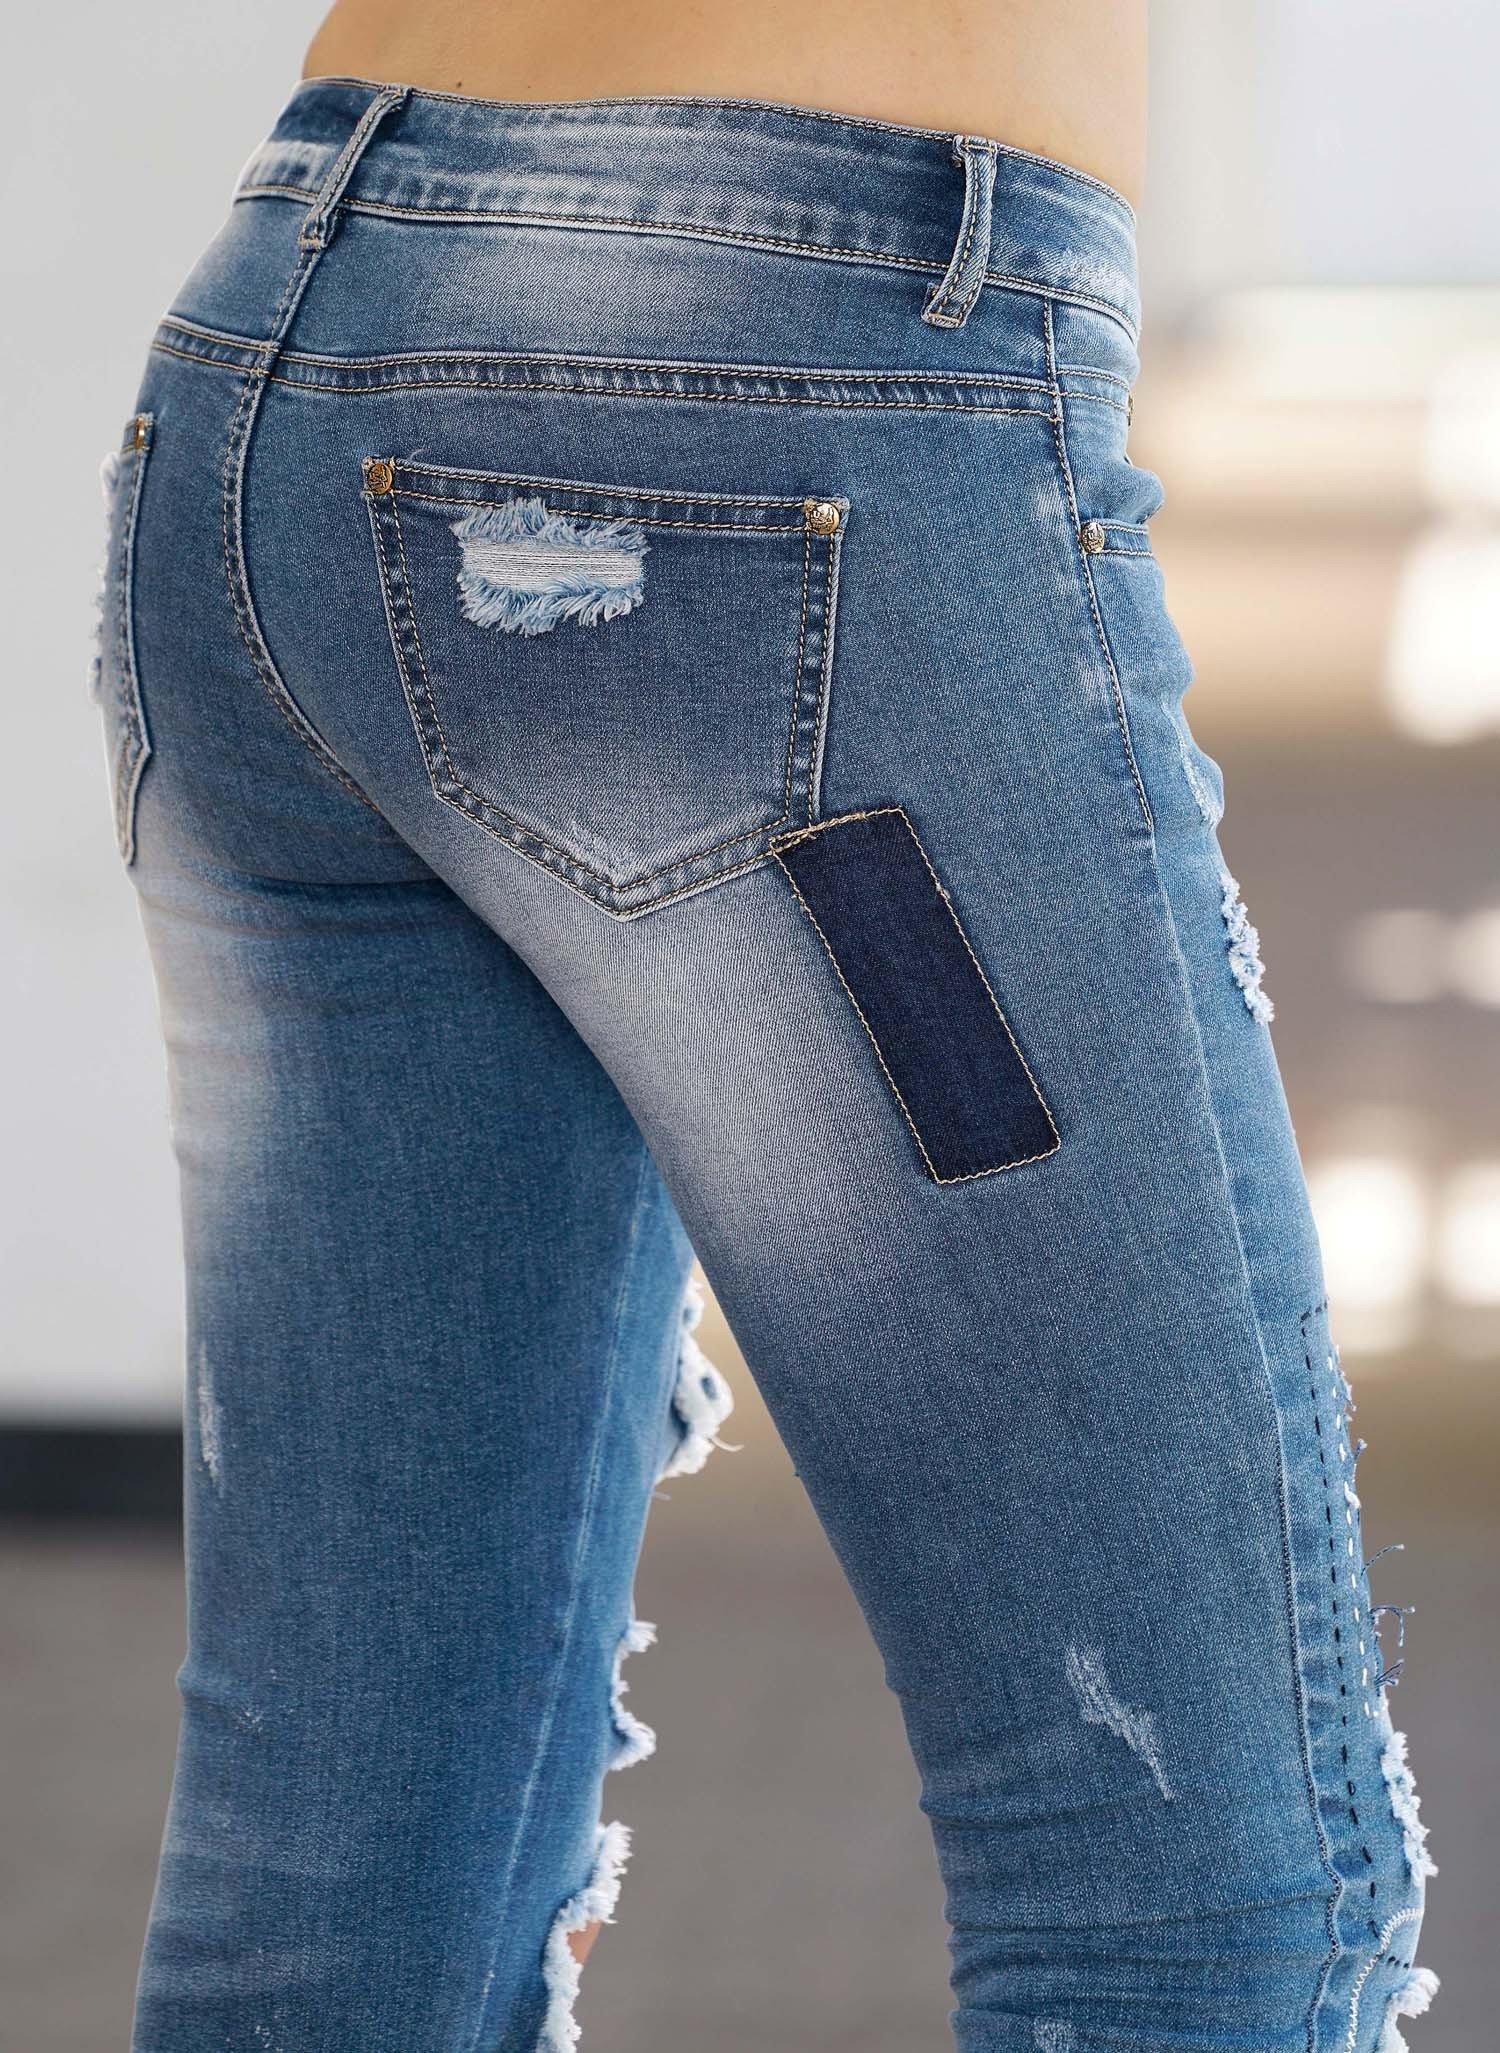 D-Jeans,Lochapplikation.Blue-D 44 050 - 2 - Ronja.ch